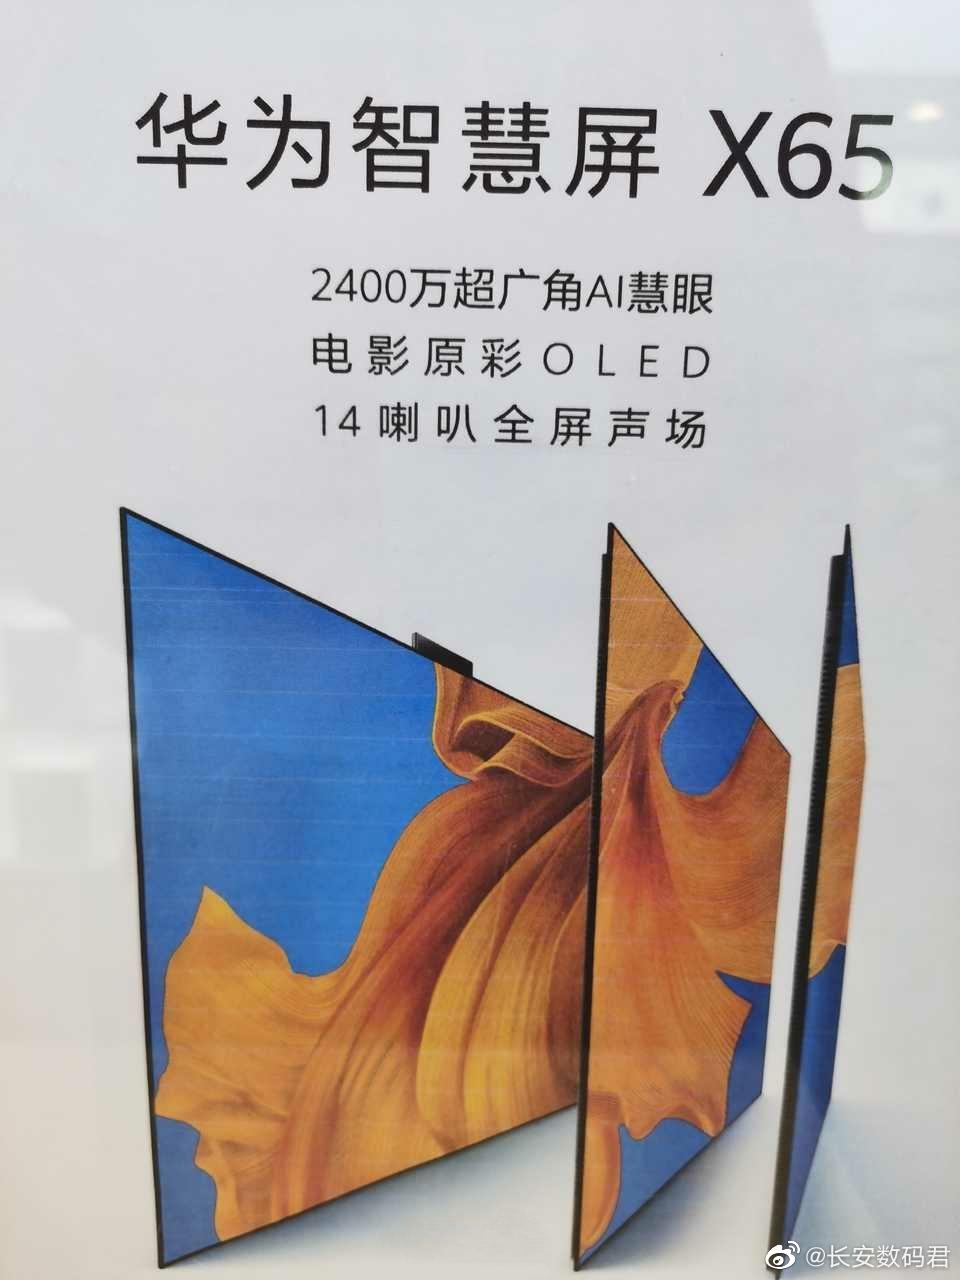 华为智慧屏X65曝光 采用OLED面板支持全屏声场_-_热点资讯